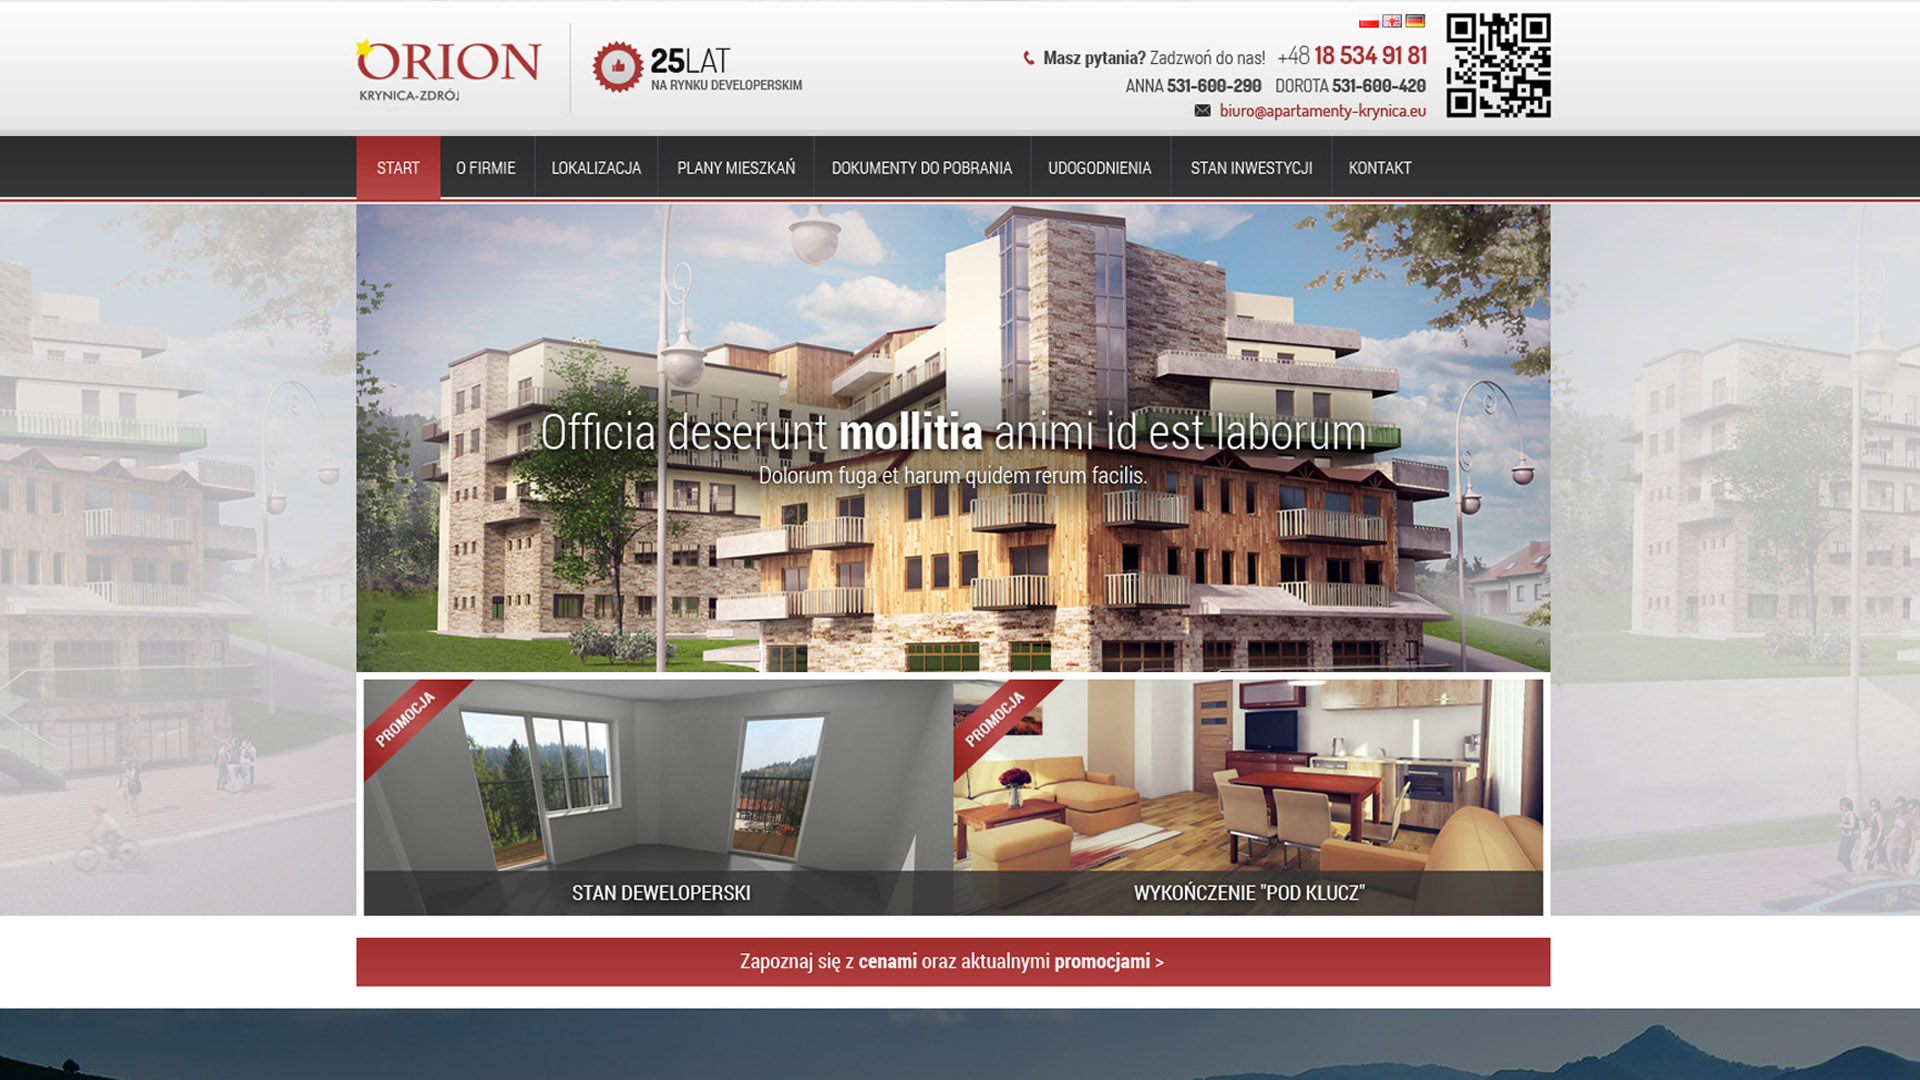 apartamenty orion strona internetowa